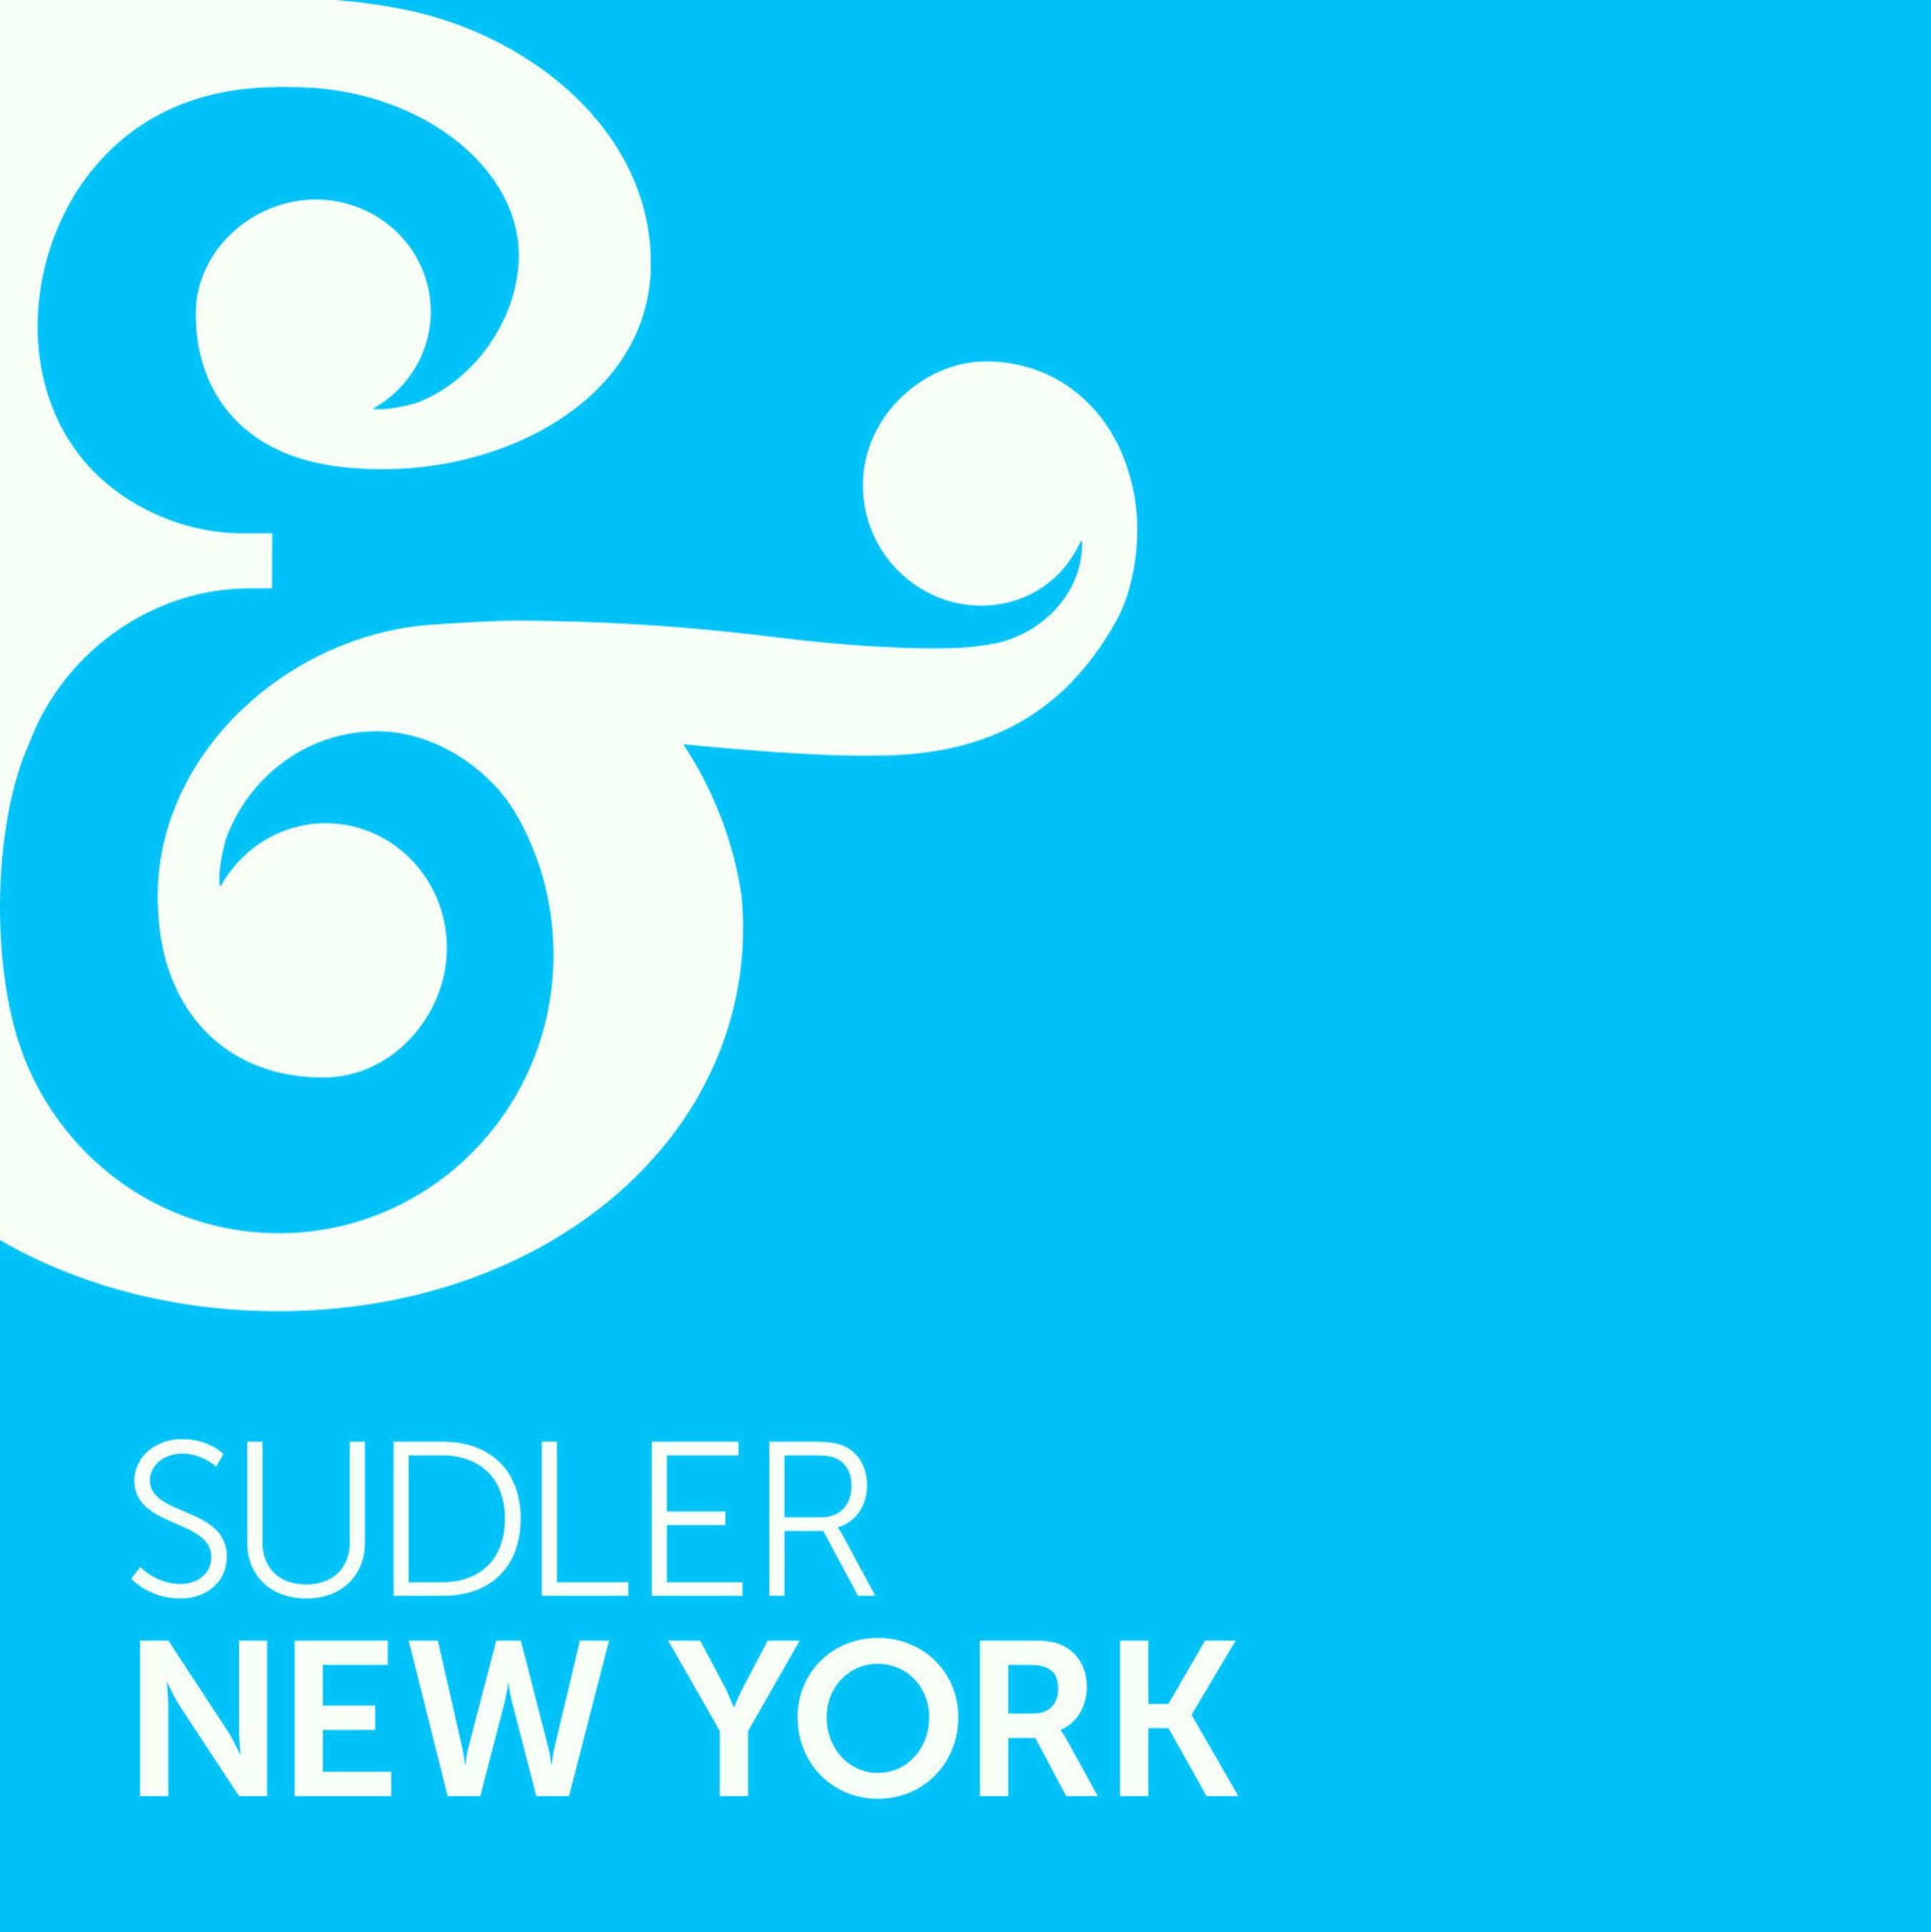 Sudler New York